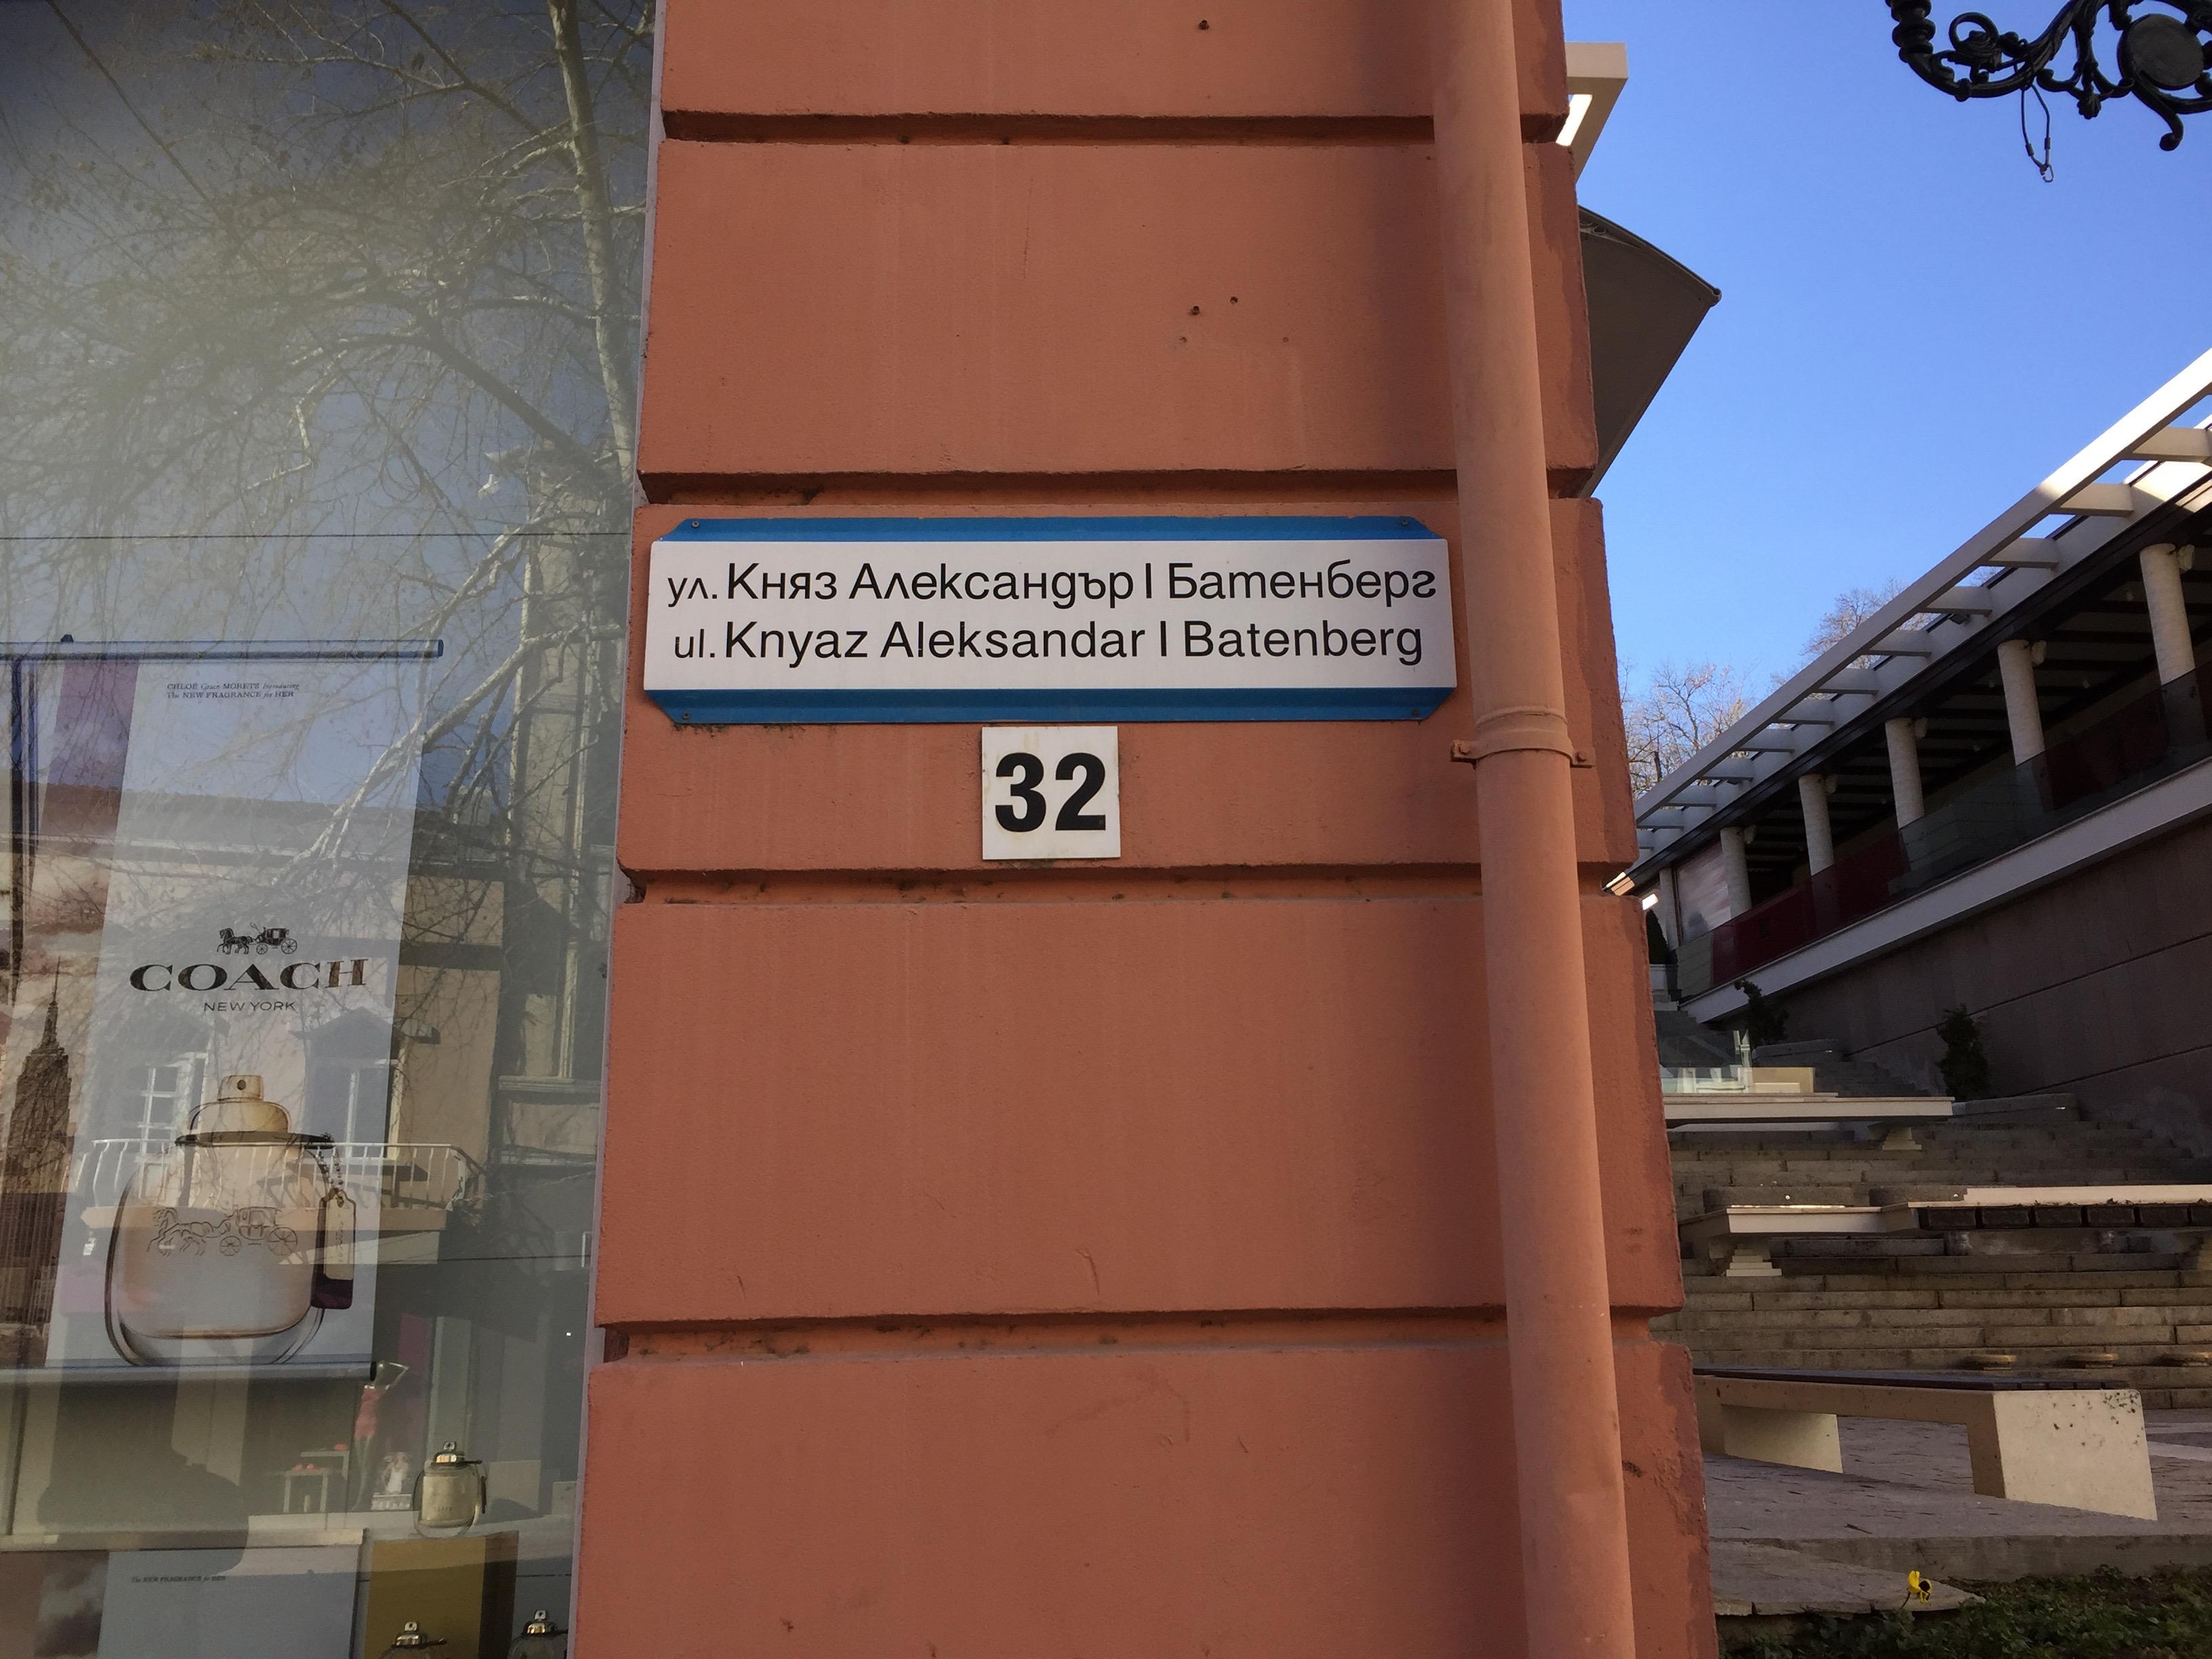 アレクサンダル1世バッテンベルク通りのプレート